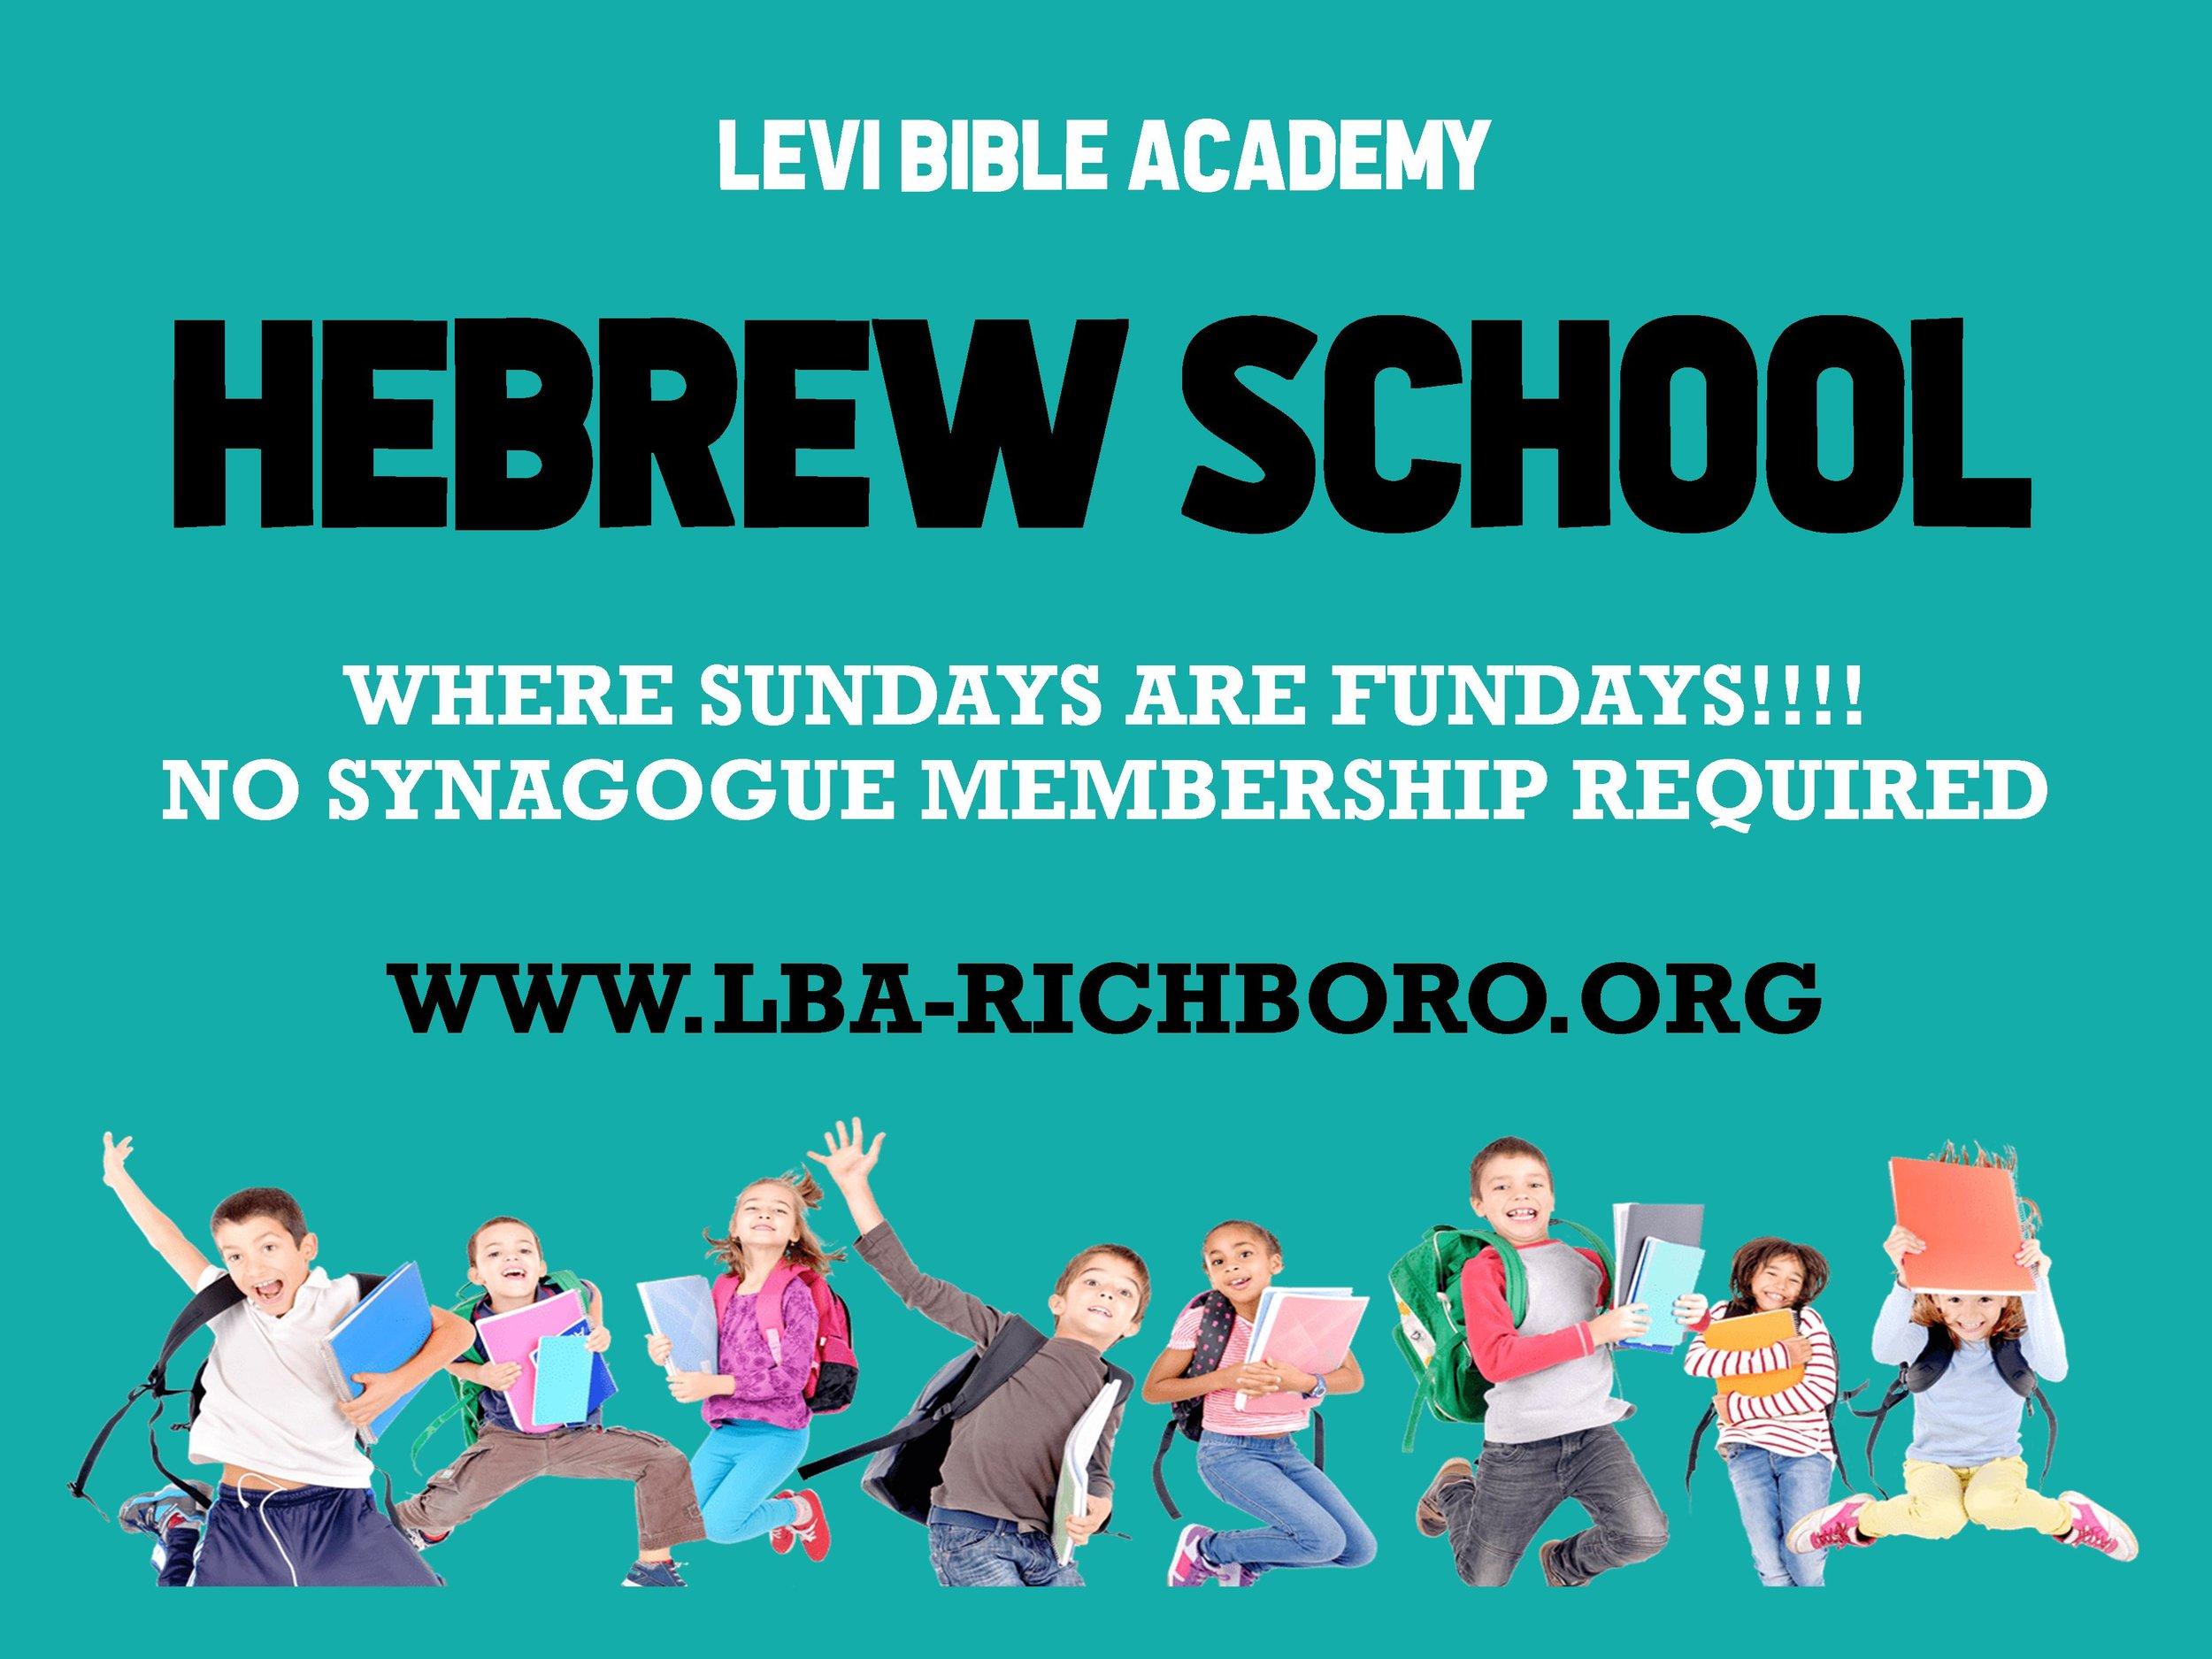 hebrew school sign.jpg